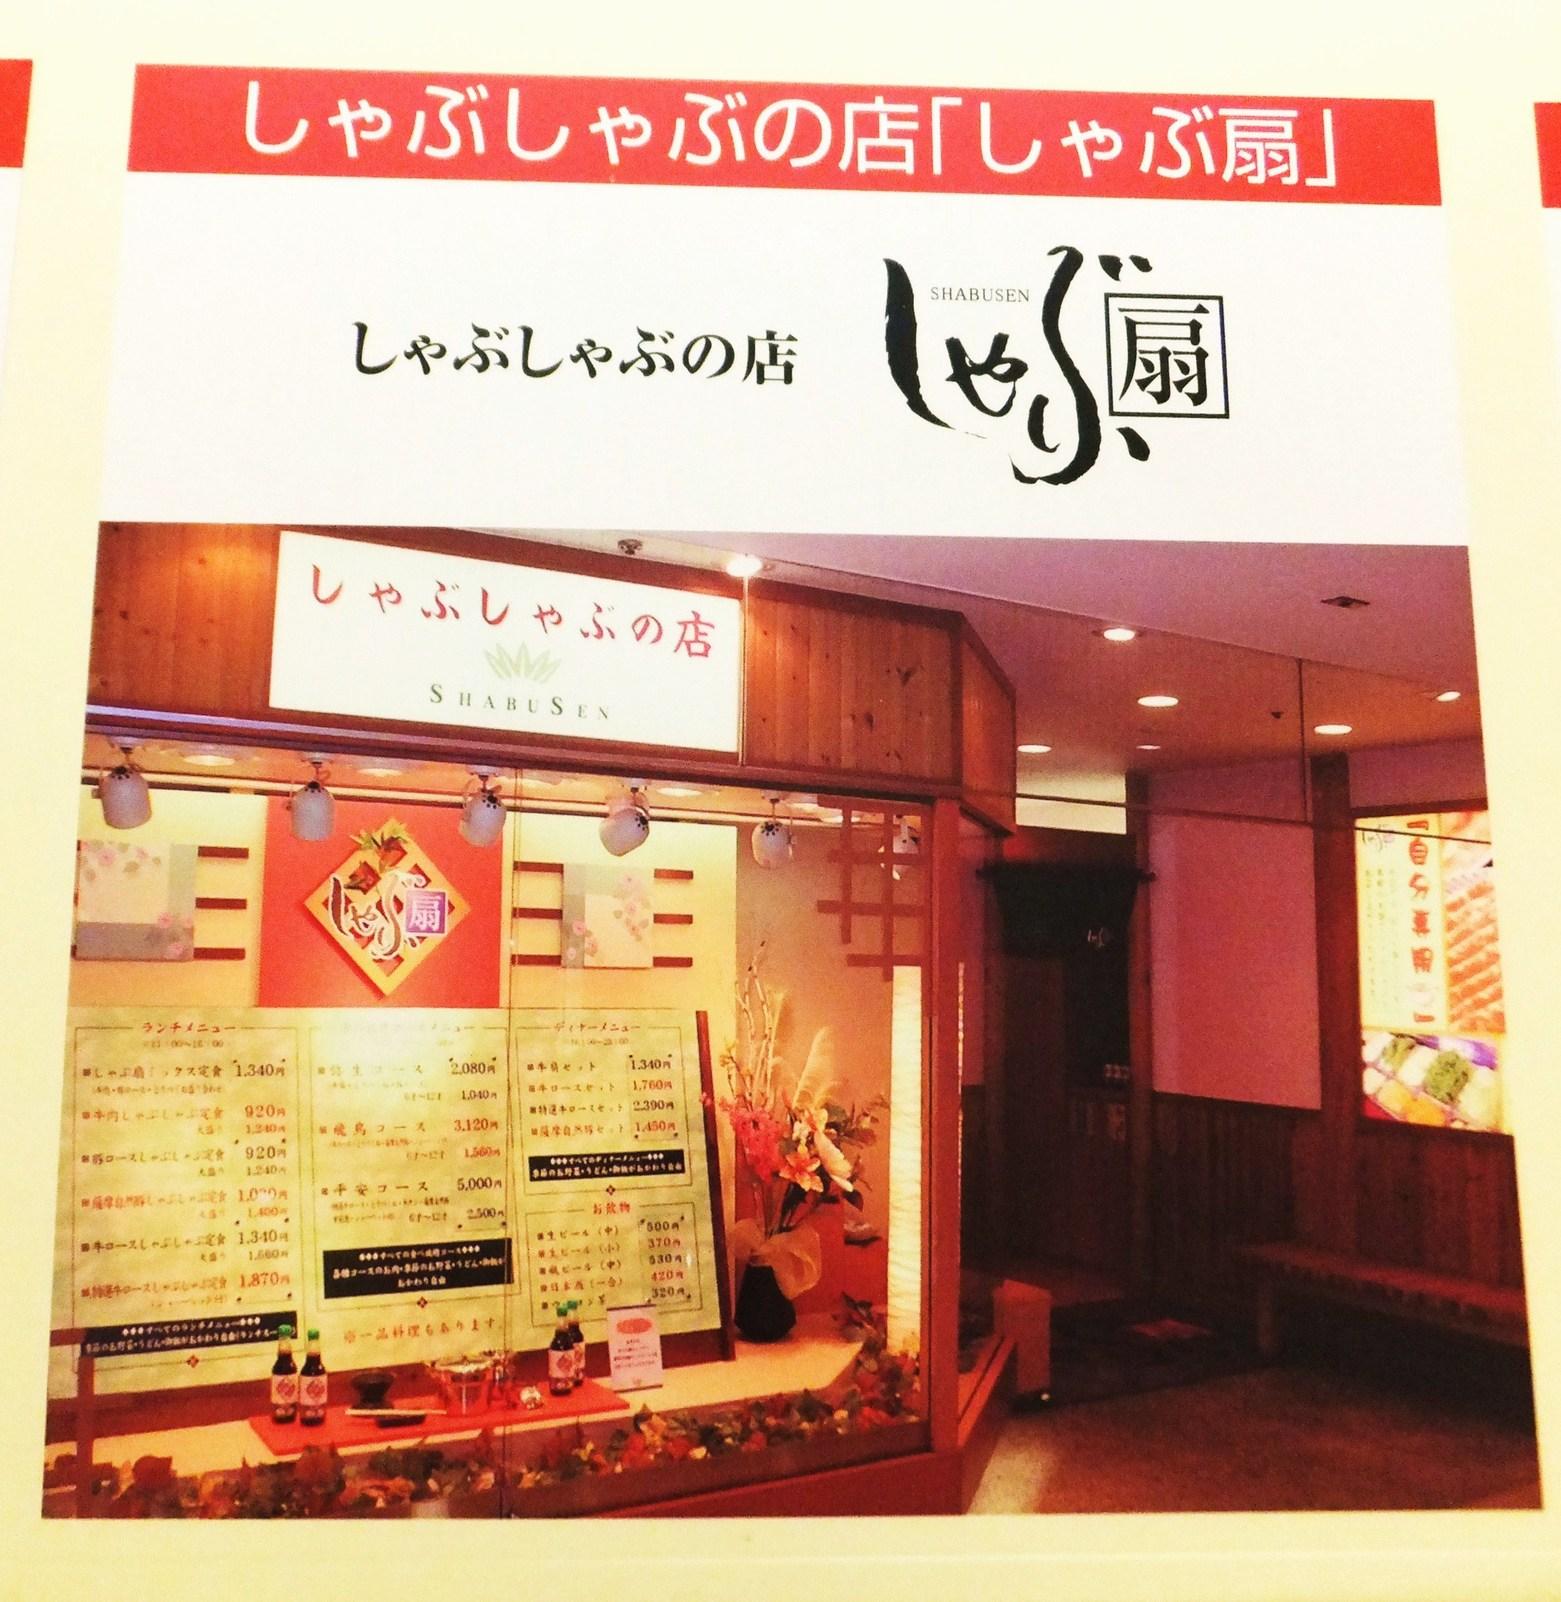 しゃぶ扇 堺東店